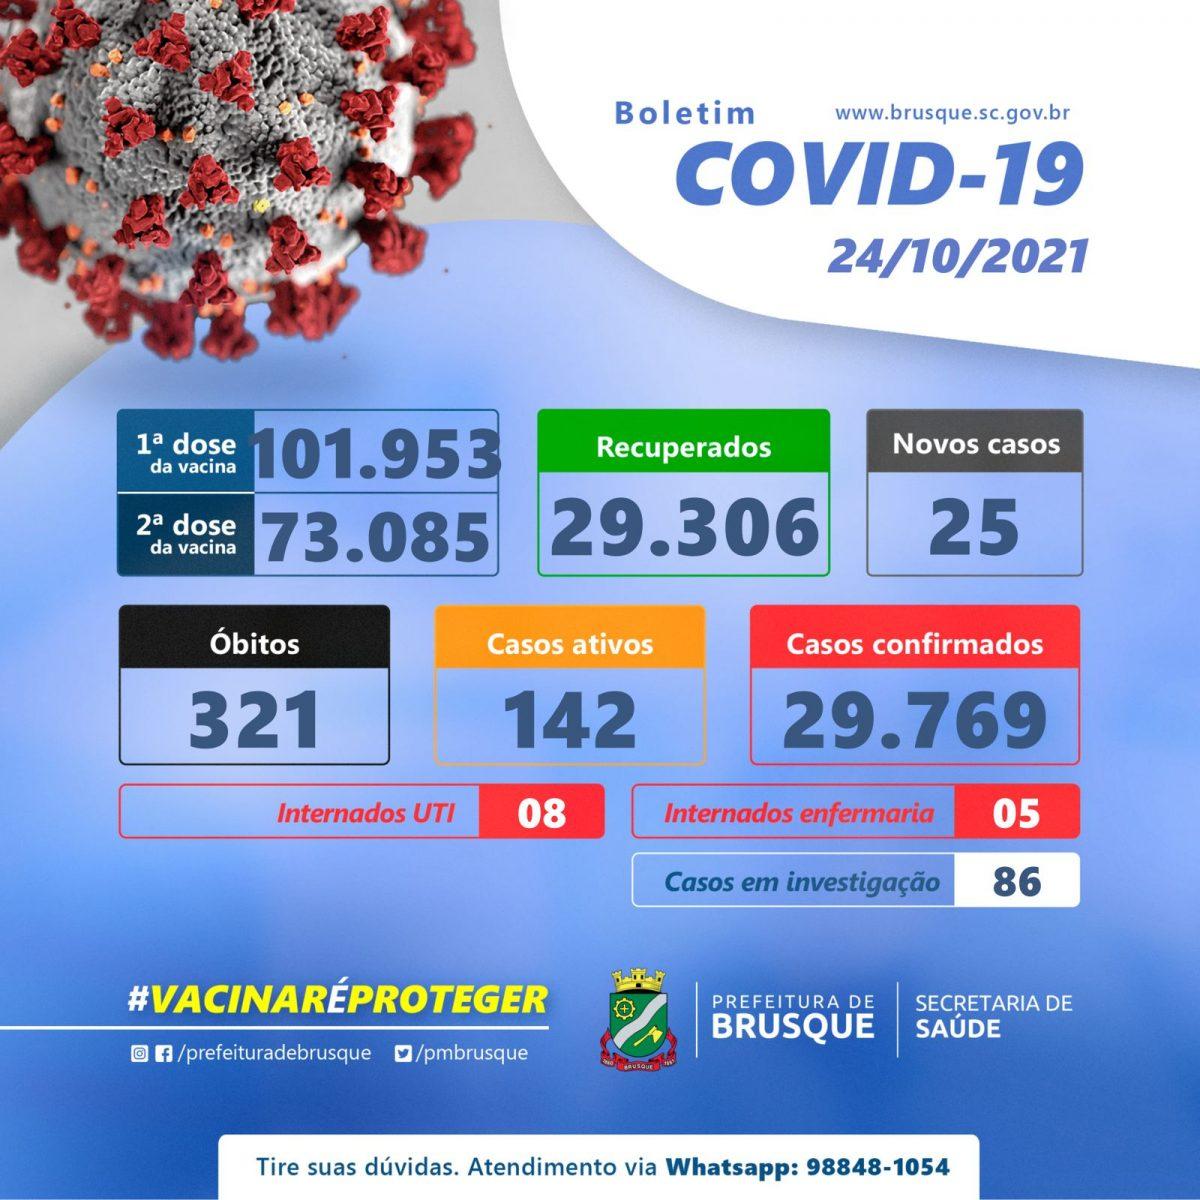 Covid-19: Confira o boletim epidemiológico deste domingo (24)